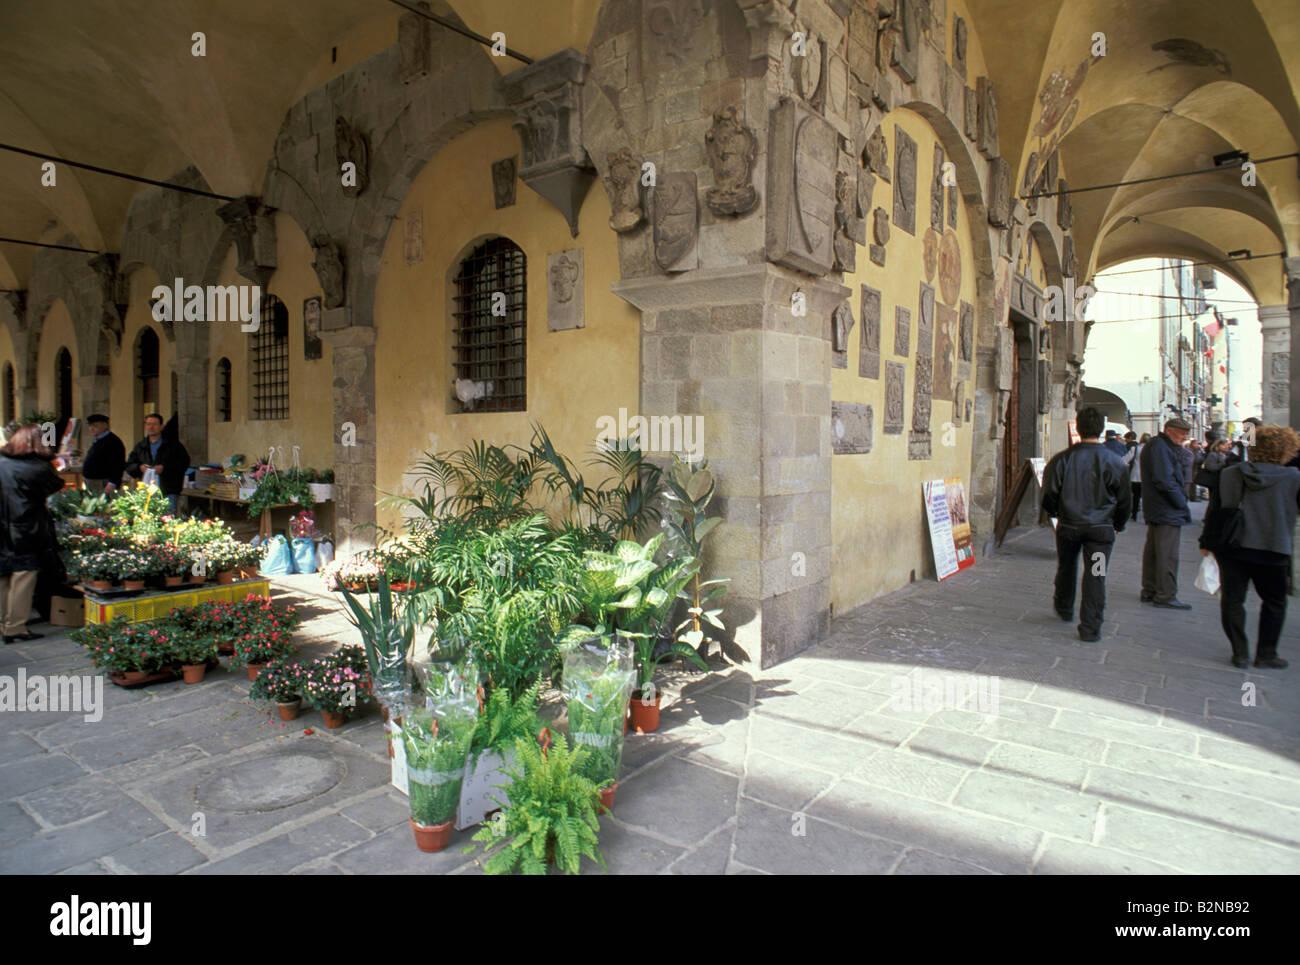 Palazzo pretorio archi, San Giovanni Valdarno, Italia Foto Stock